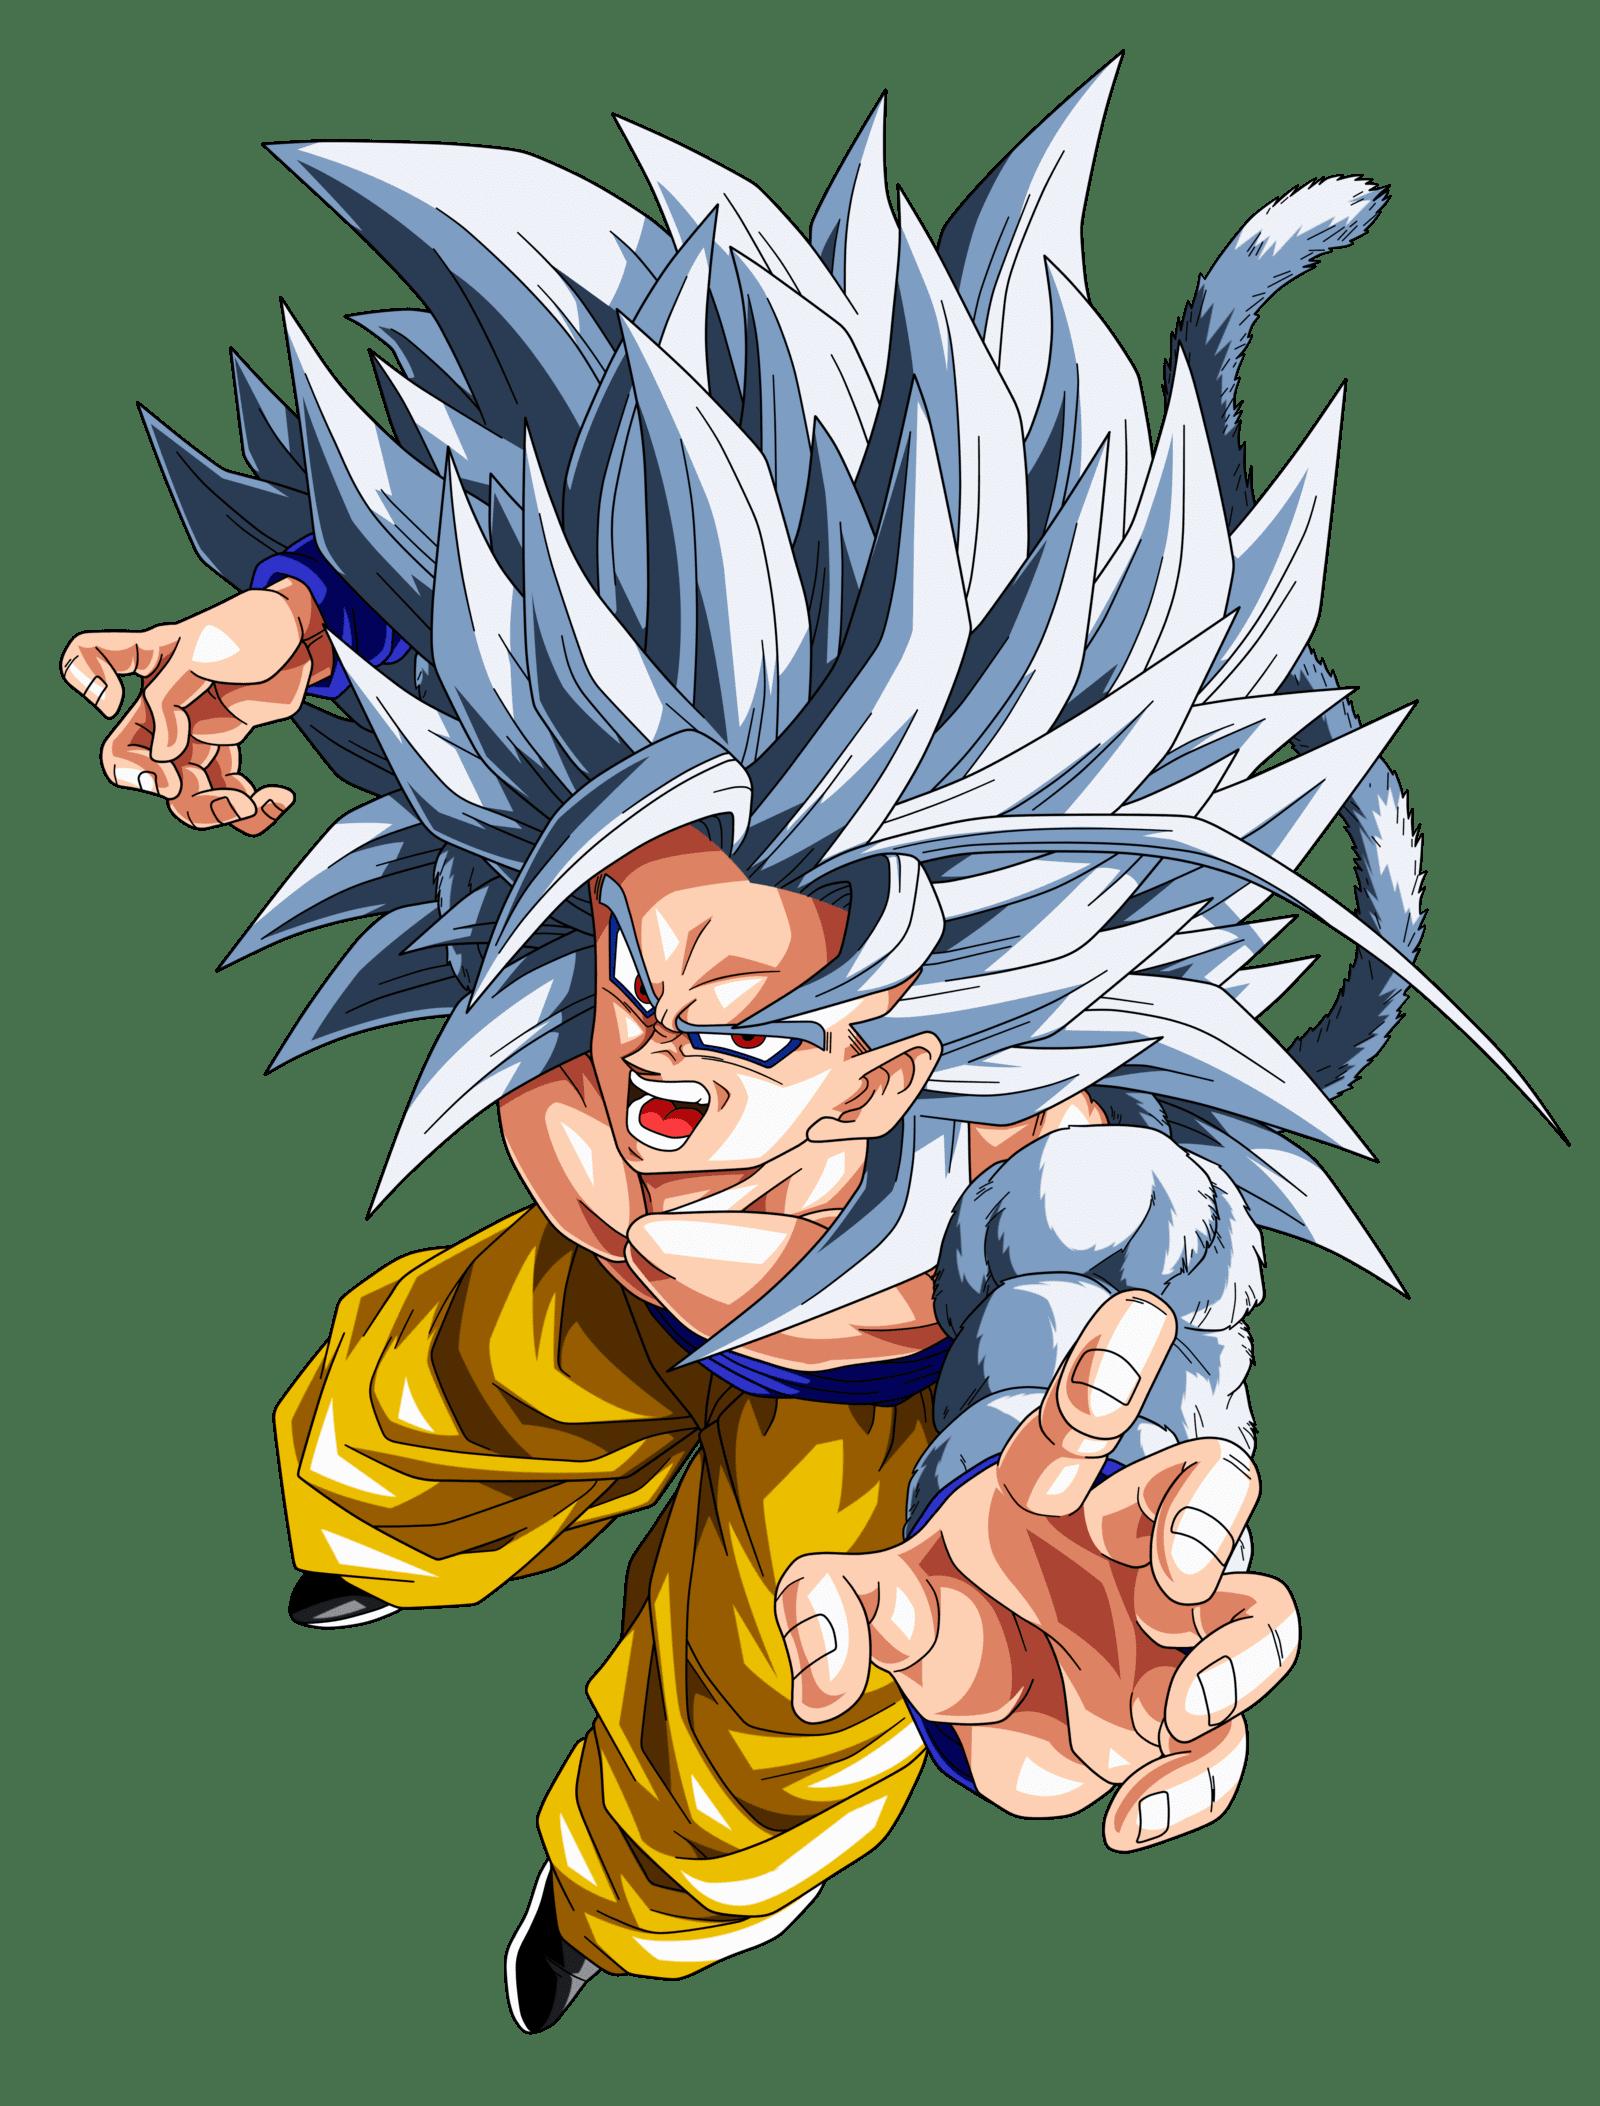 Ssj5 Goku